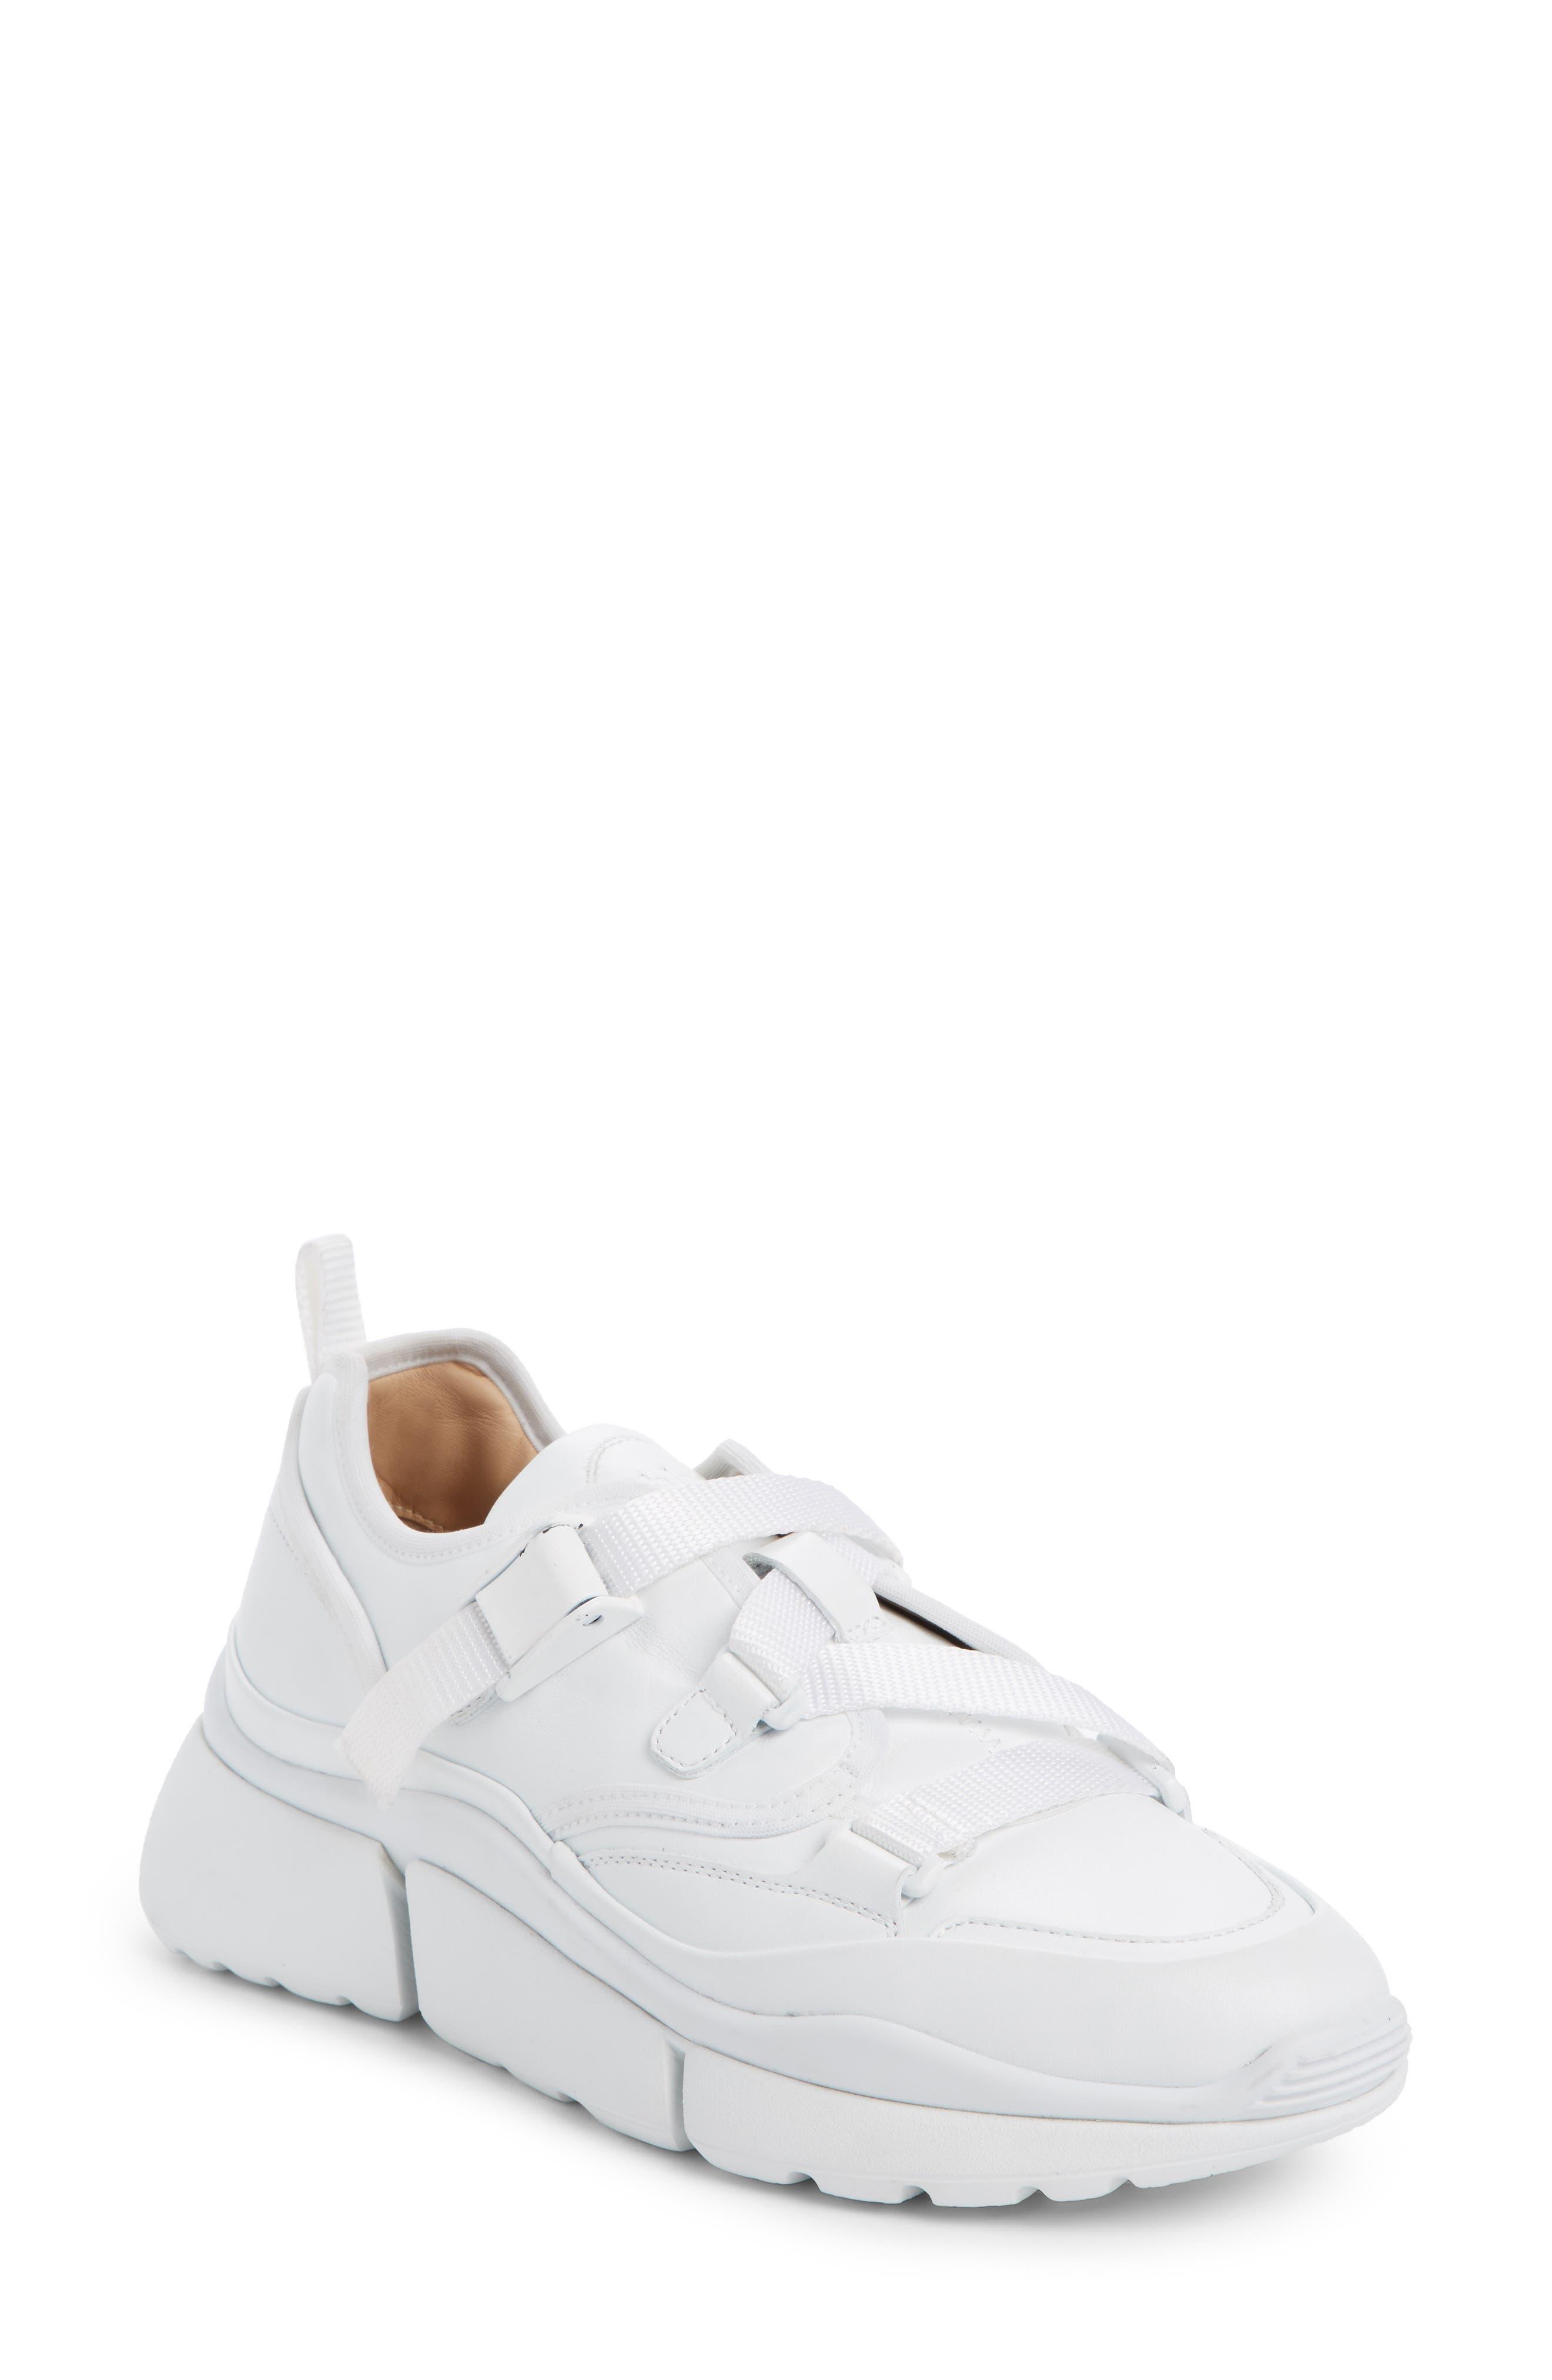 Chloe Sonnie Sneaker